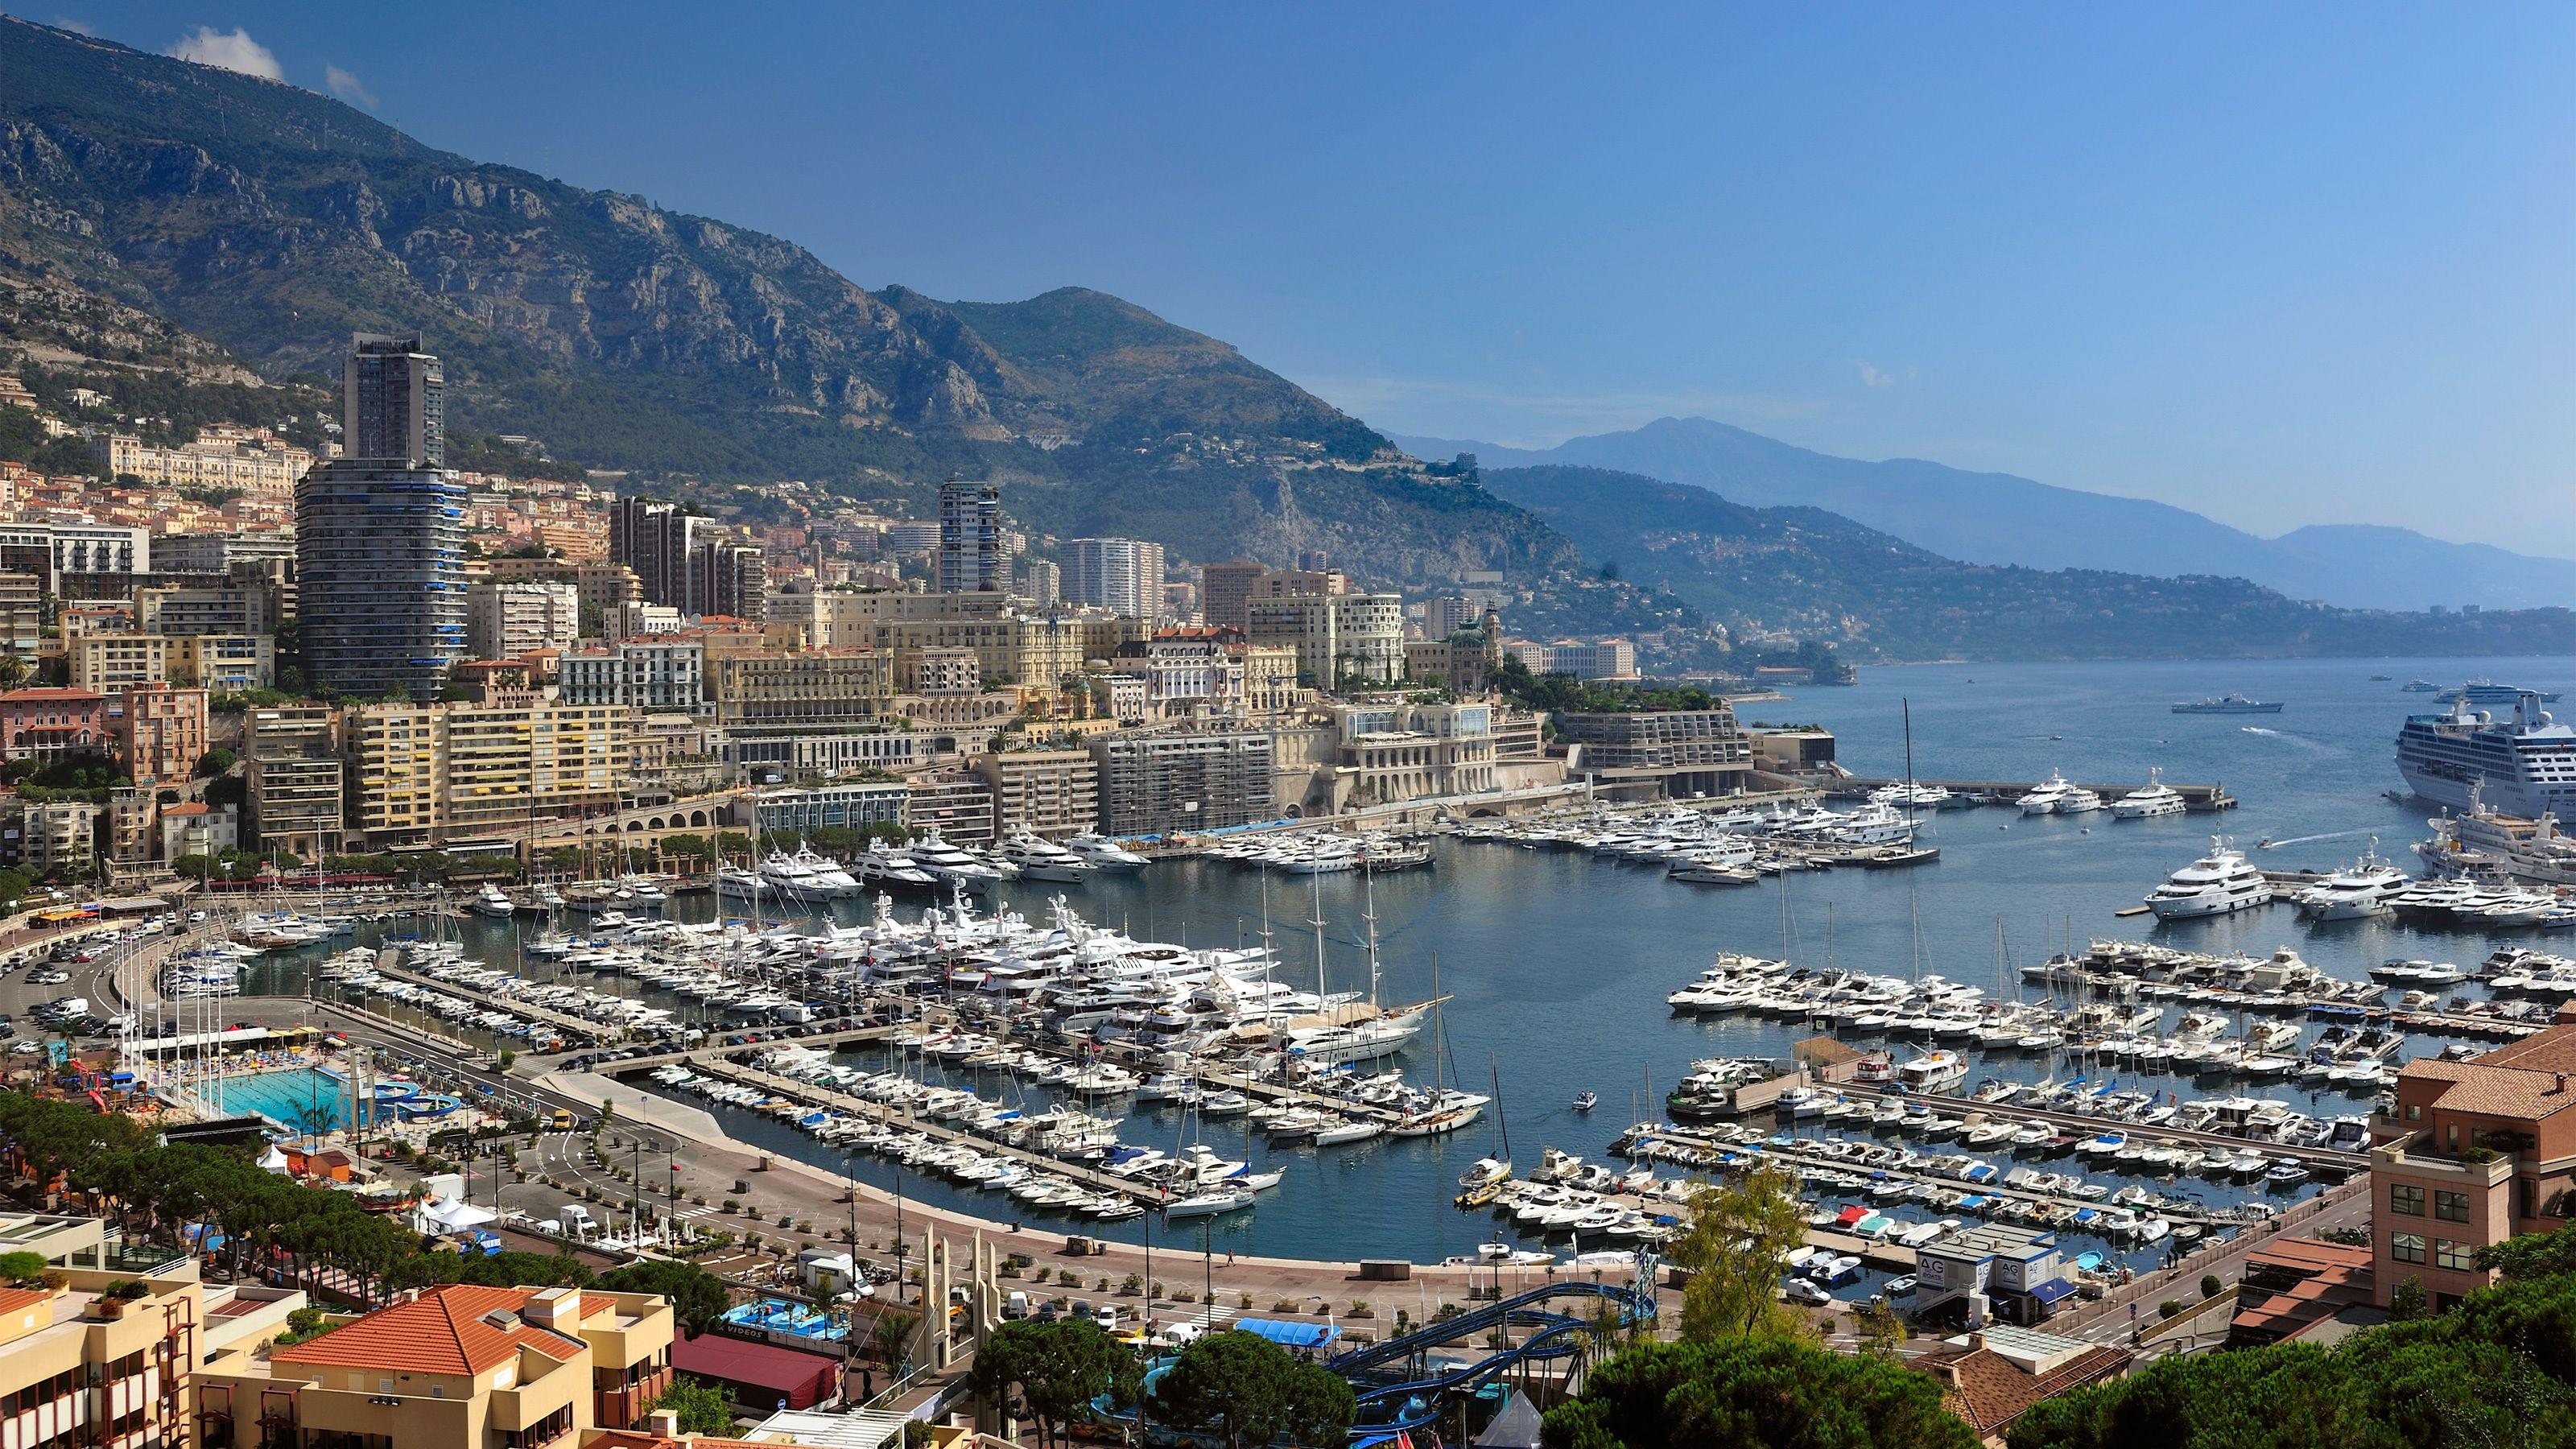 Visite touristique de la Côte d'Azur en petit groupe au départ de Cannes